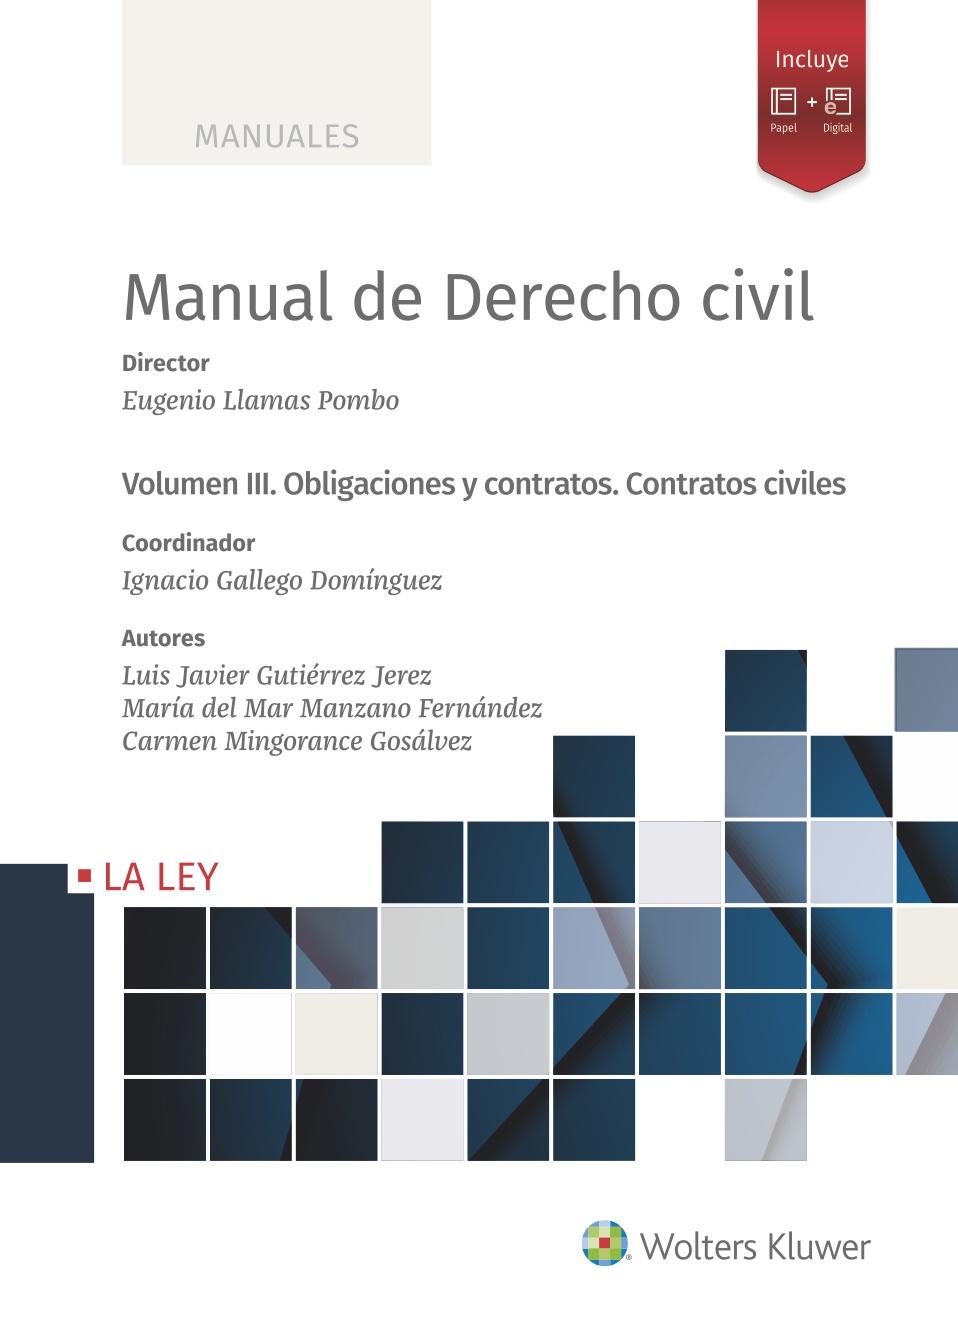 Manual de Derecho Civil   «Volumen III. Obligaciones y contratos. Contratos civiles»